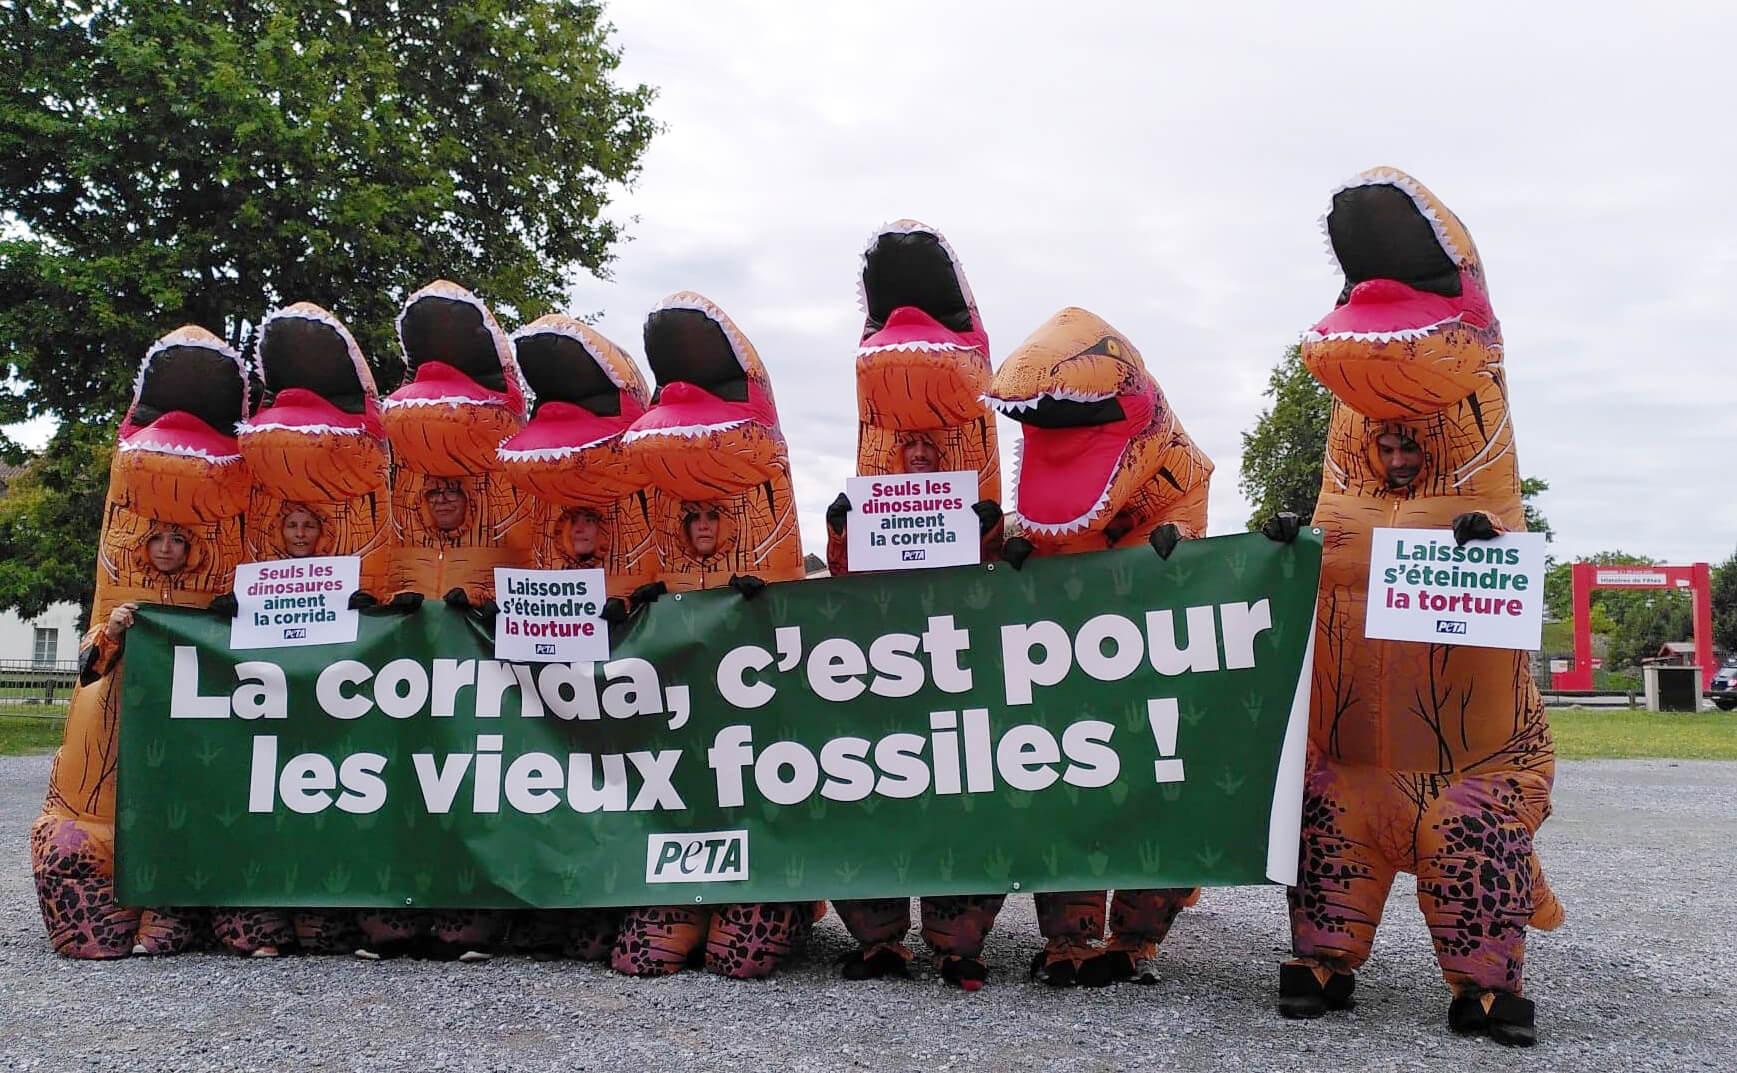 Une course de dinosaures à Bayonne pour protester contre la corrida